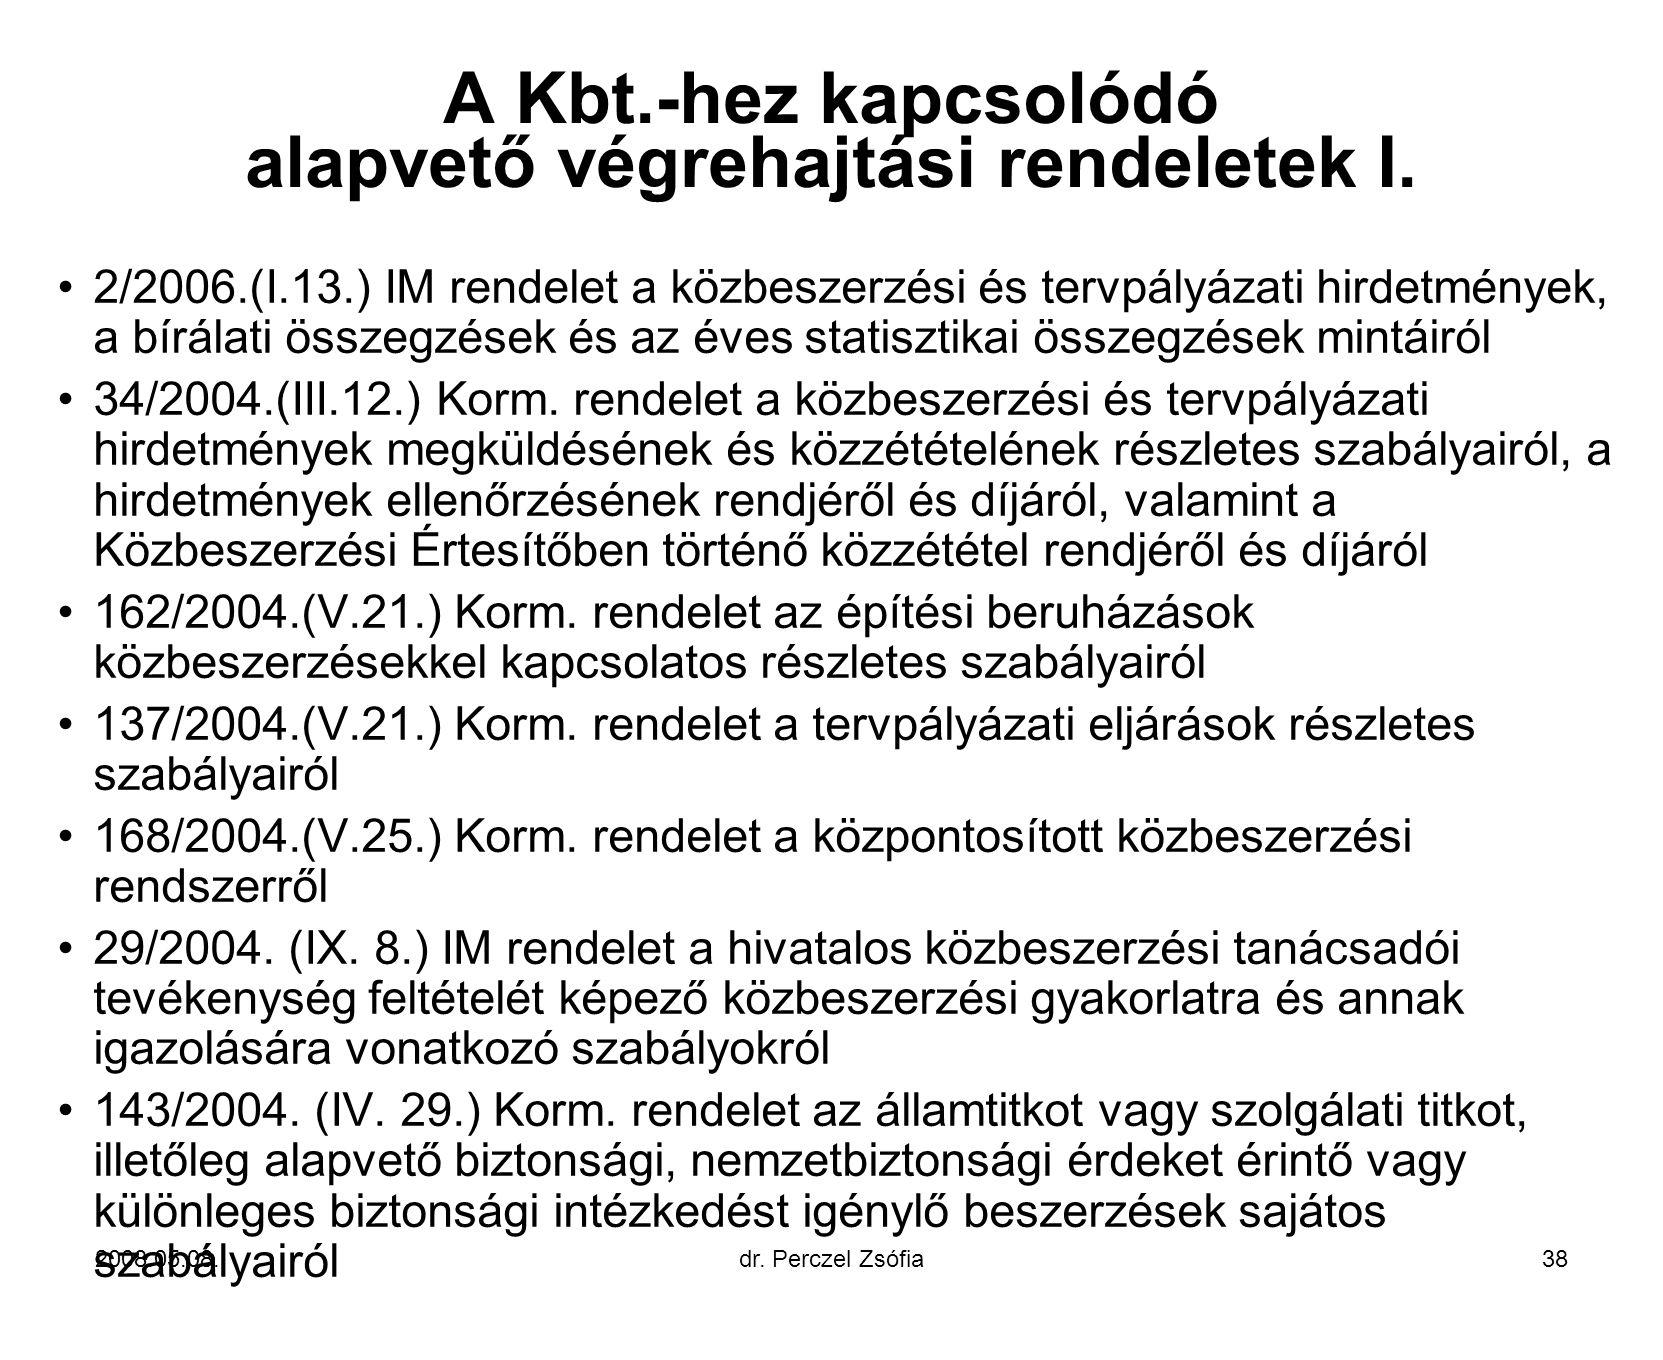 A Kbt.-hez kapcsolódó alapvető végrehajtási rendeletek I.